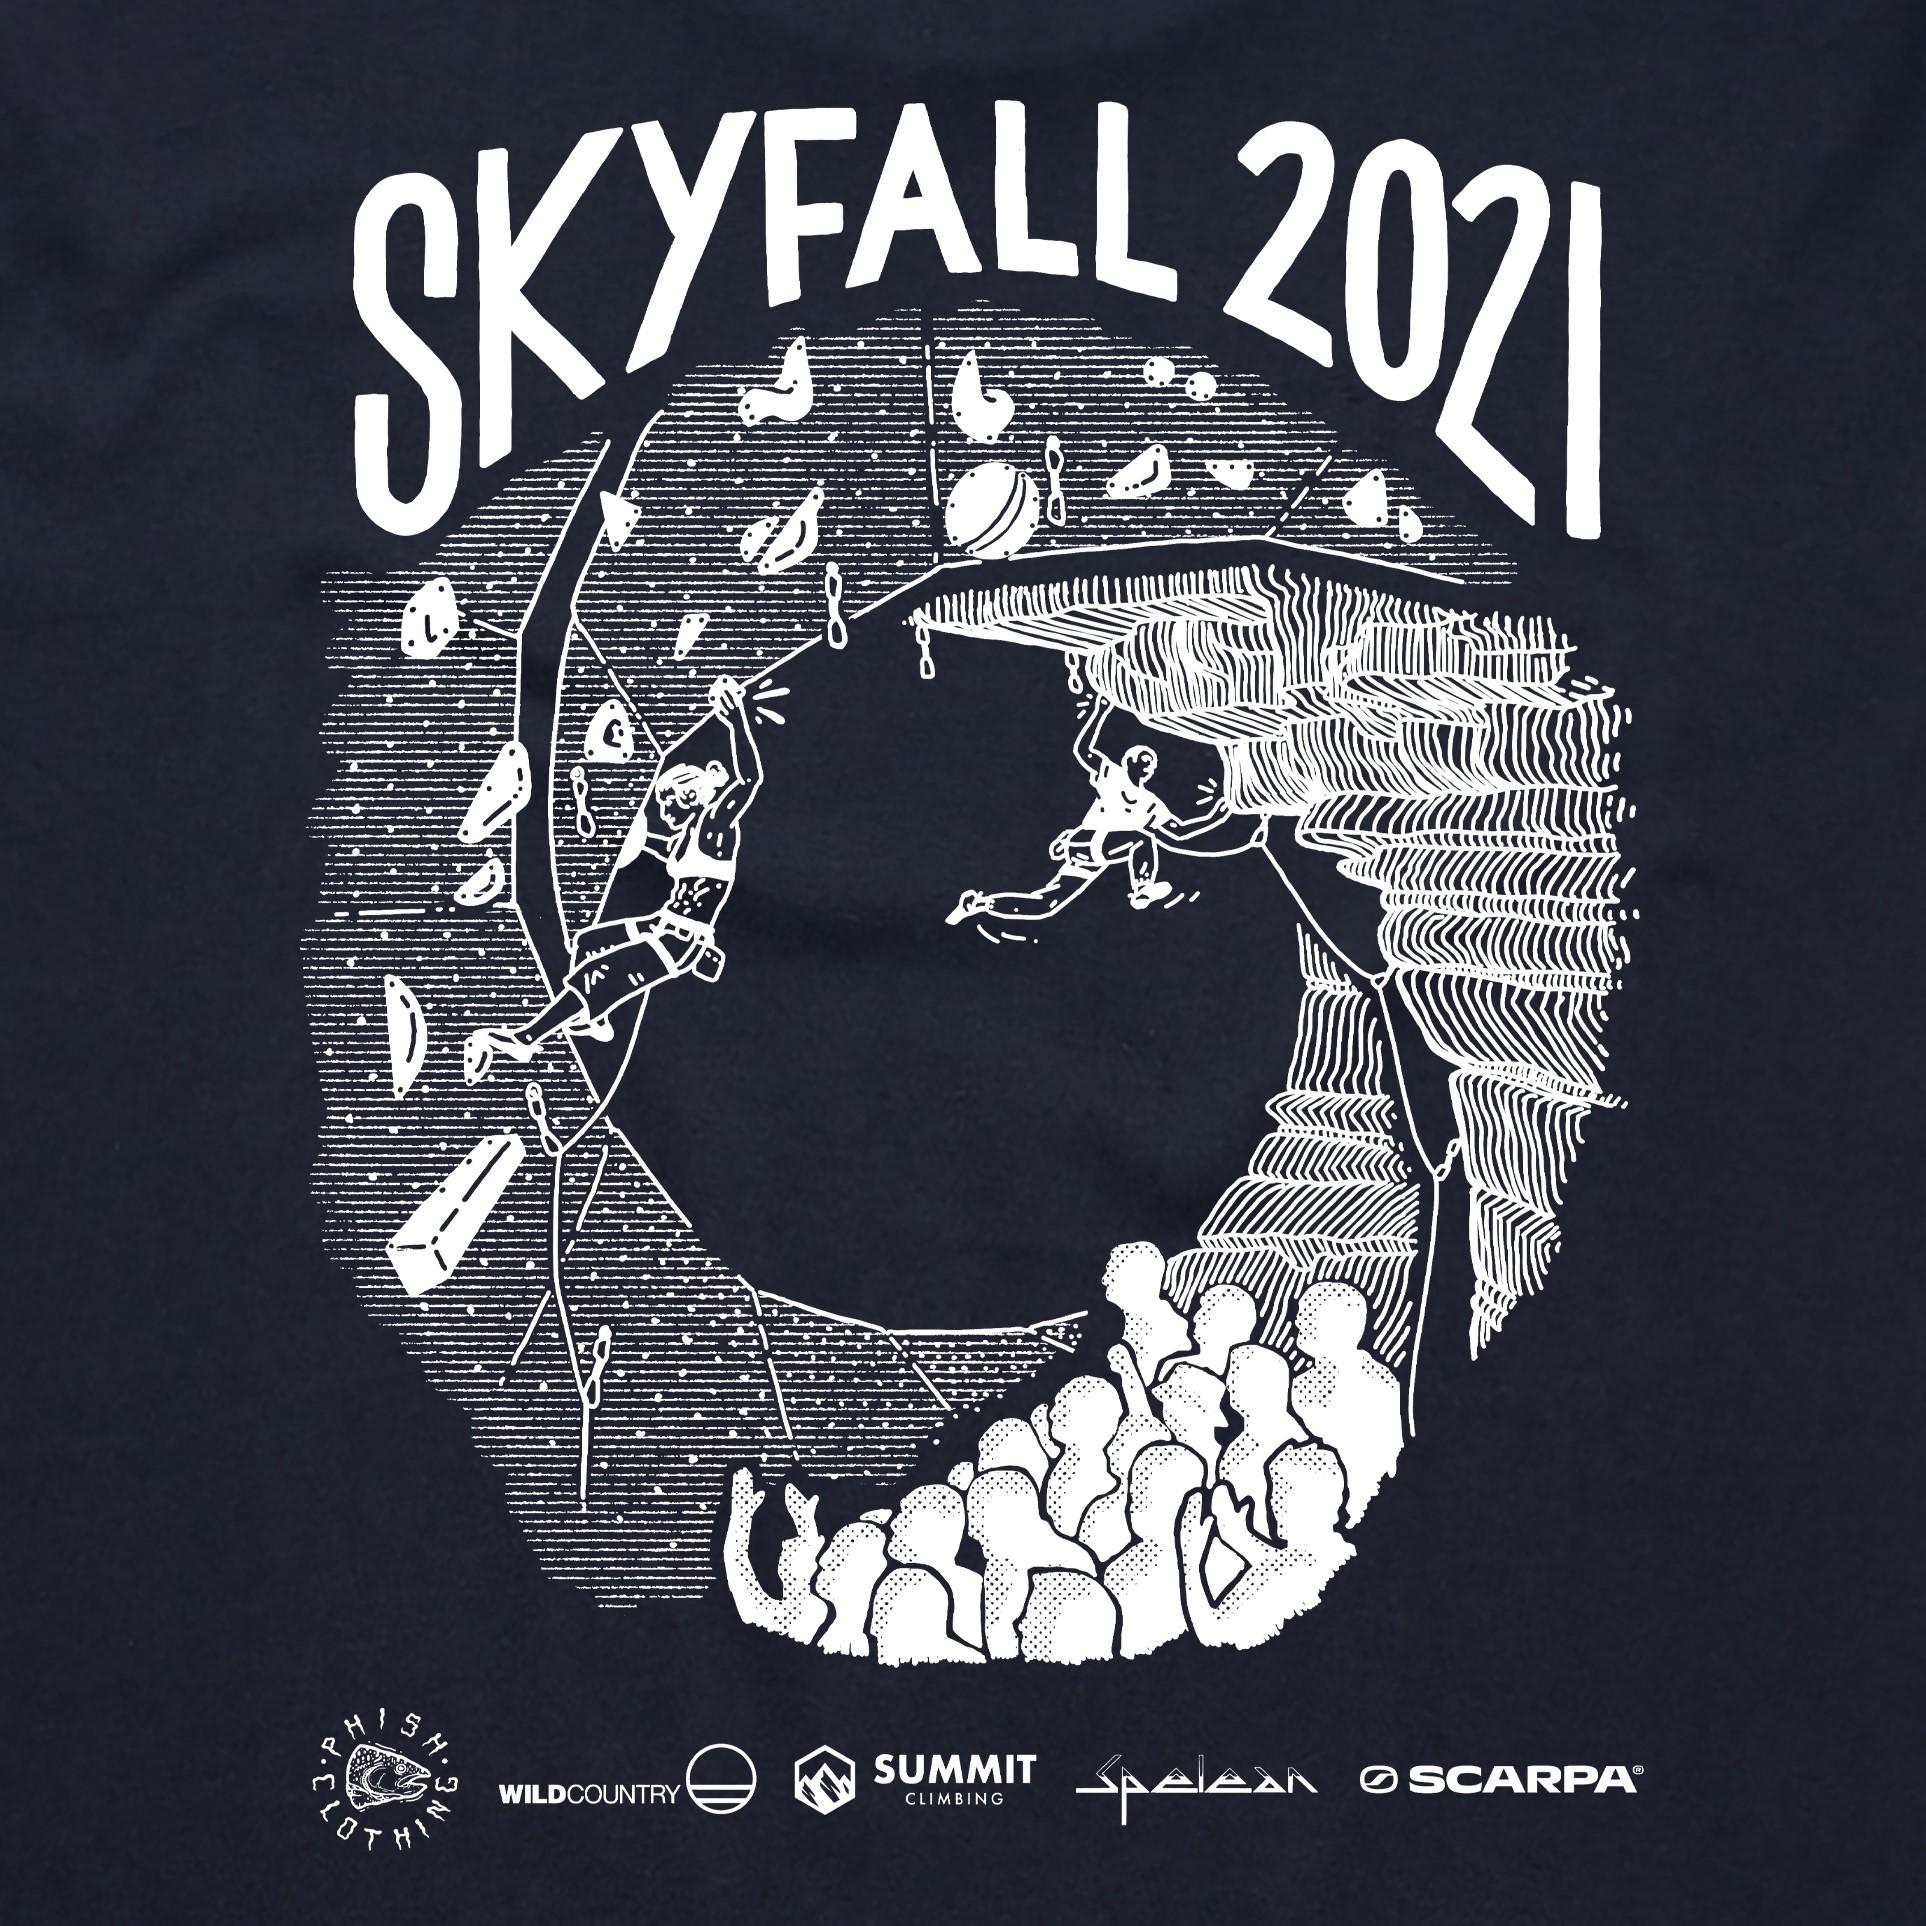 skyfall shirt